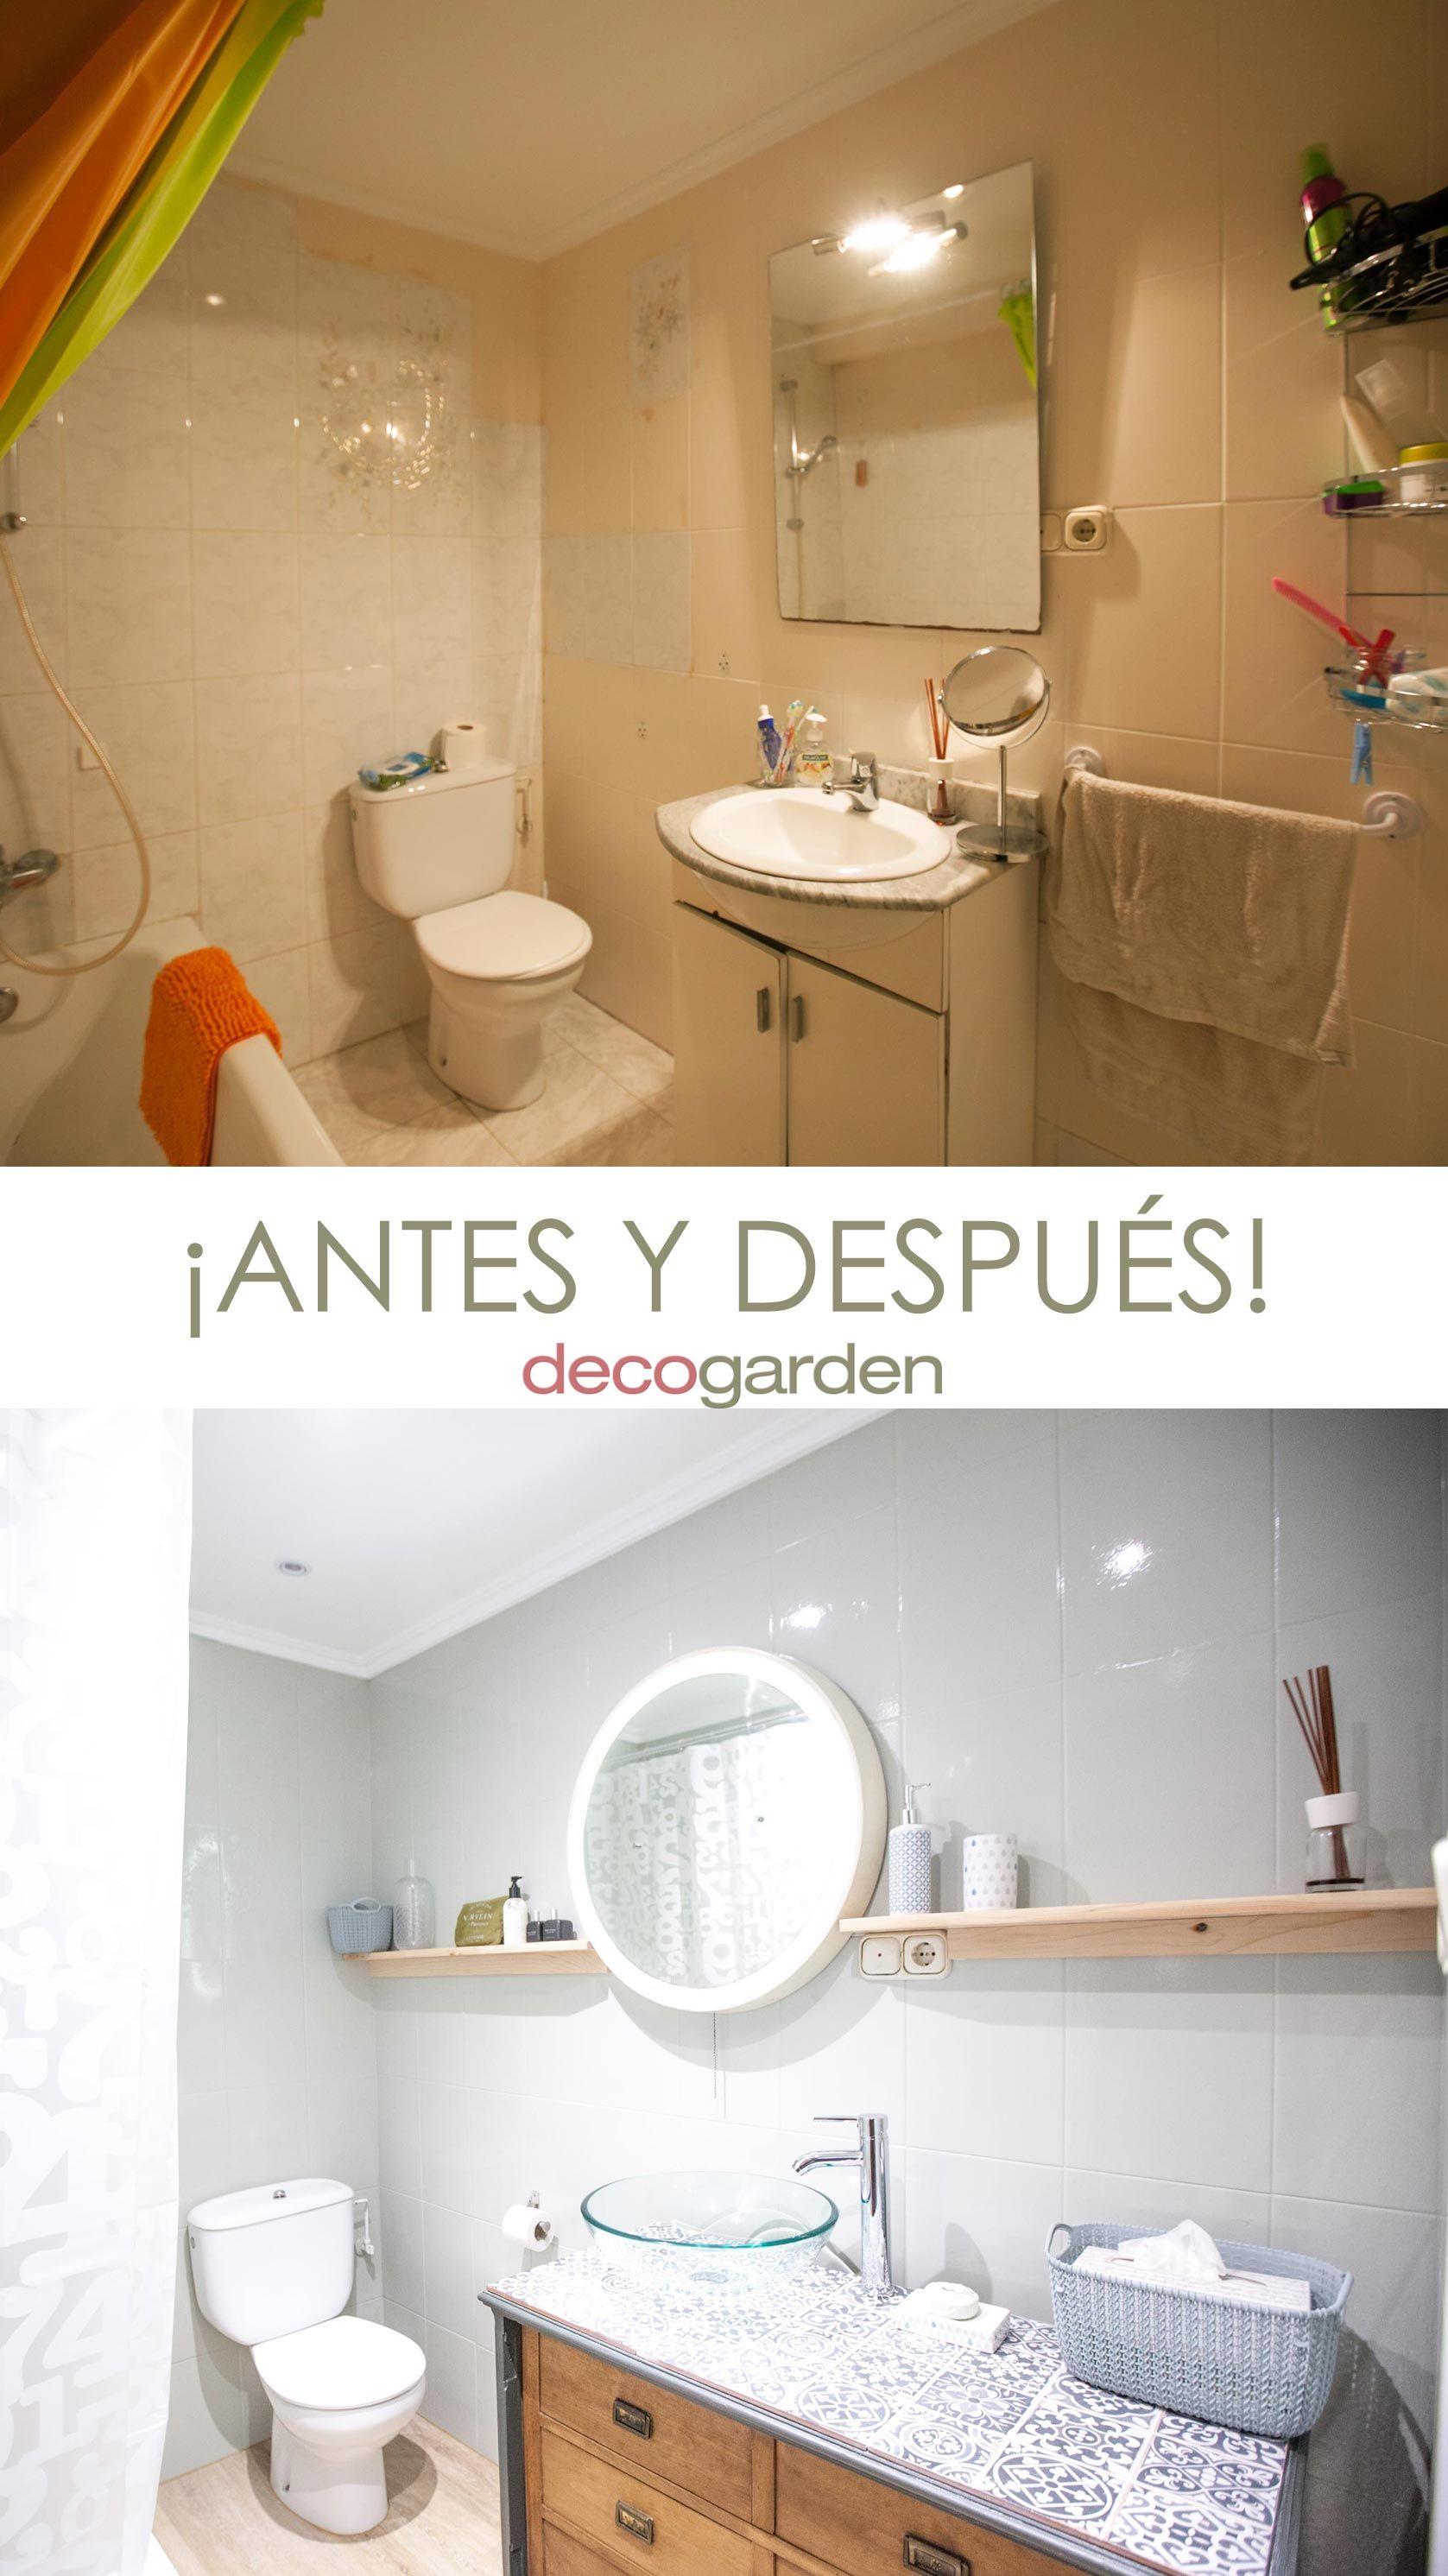 Renouveler le look de la salle de bain - avant et après